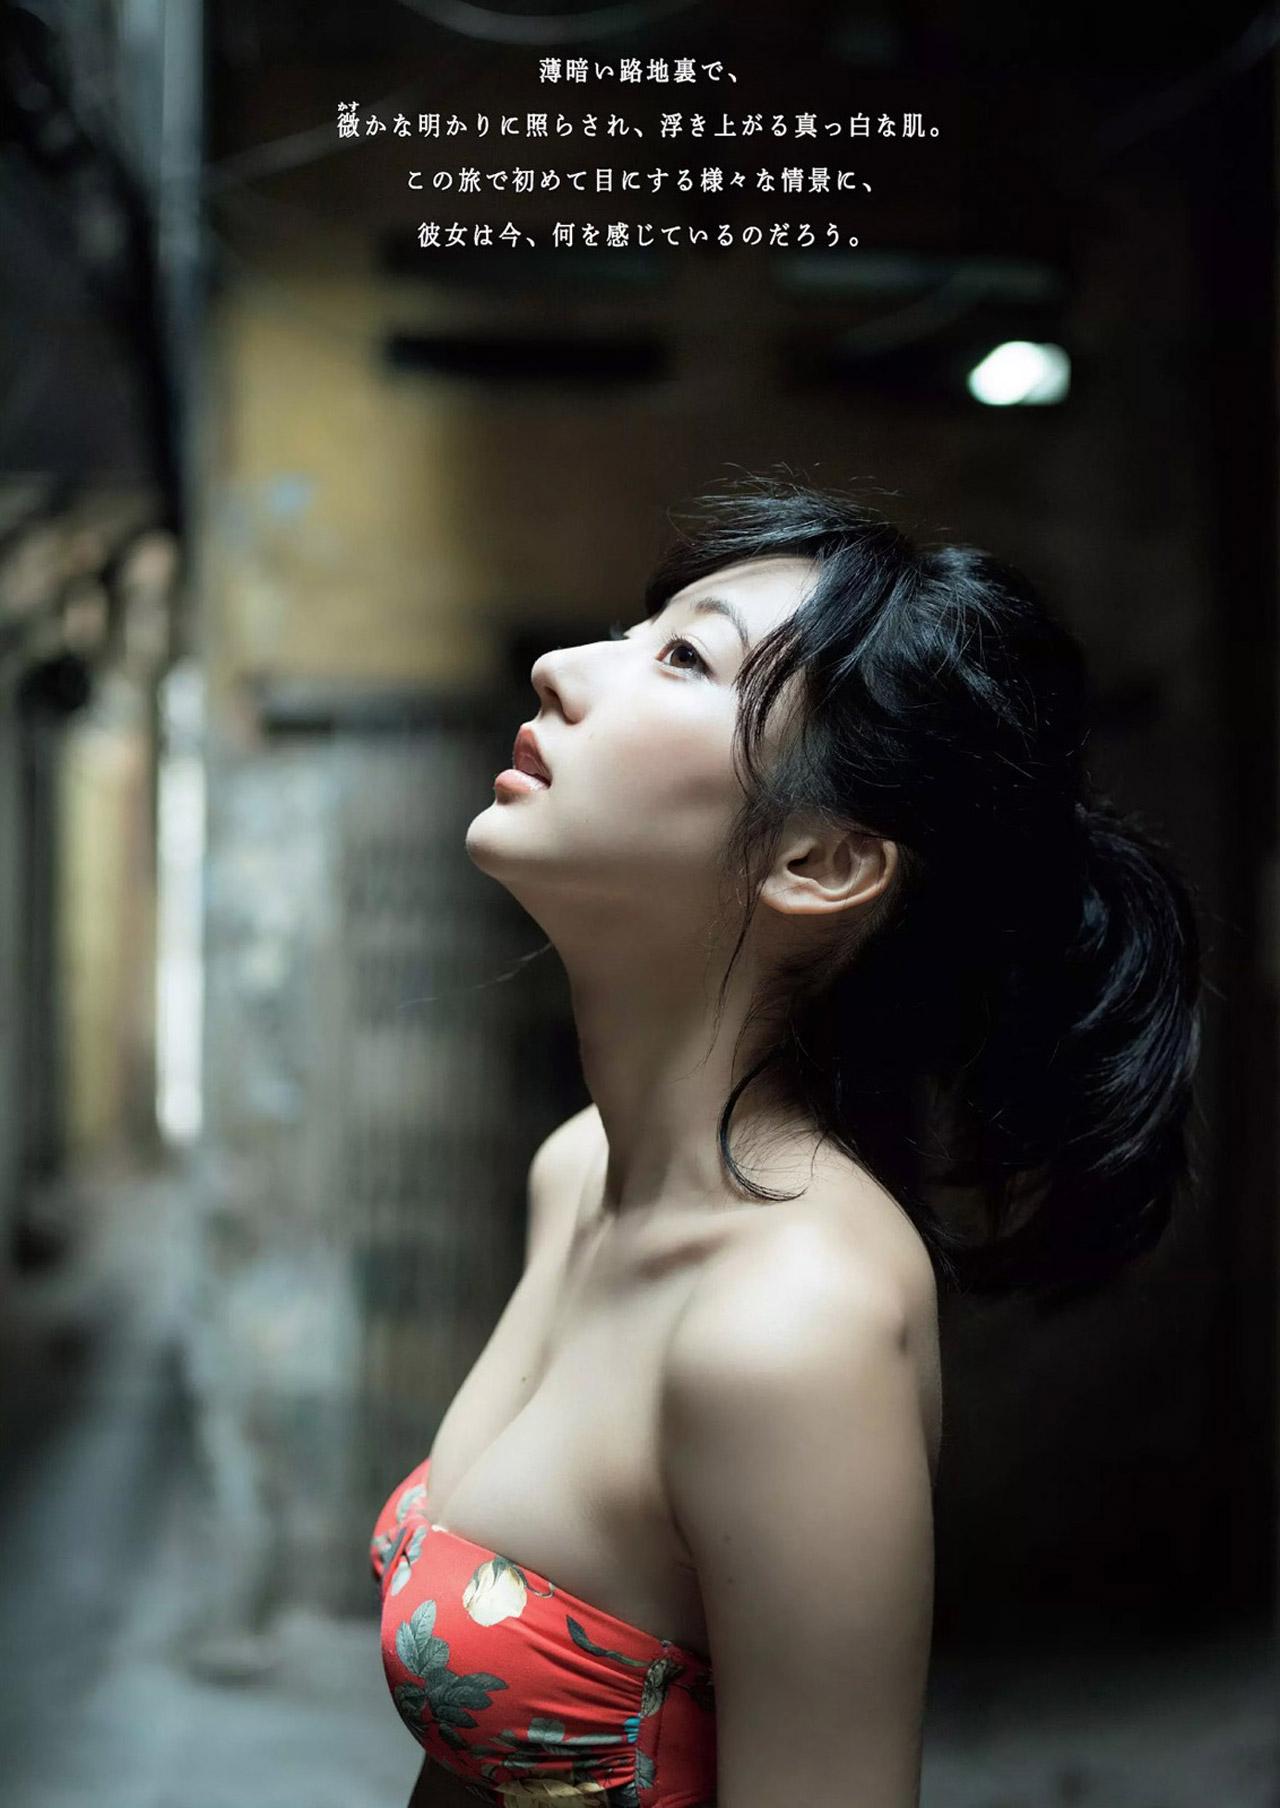 武田玲奈(20)の最新イメージDVD&グラビアエロ画像115枚・46枚目の画像